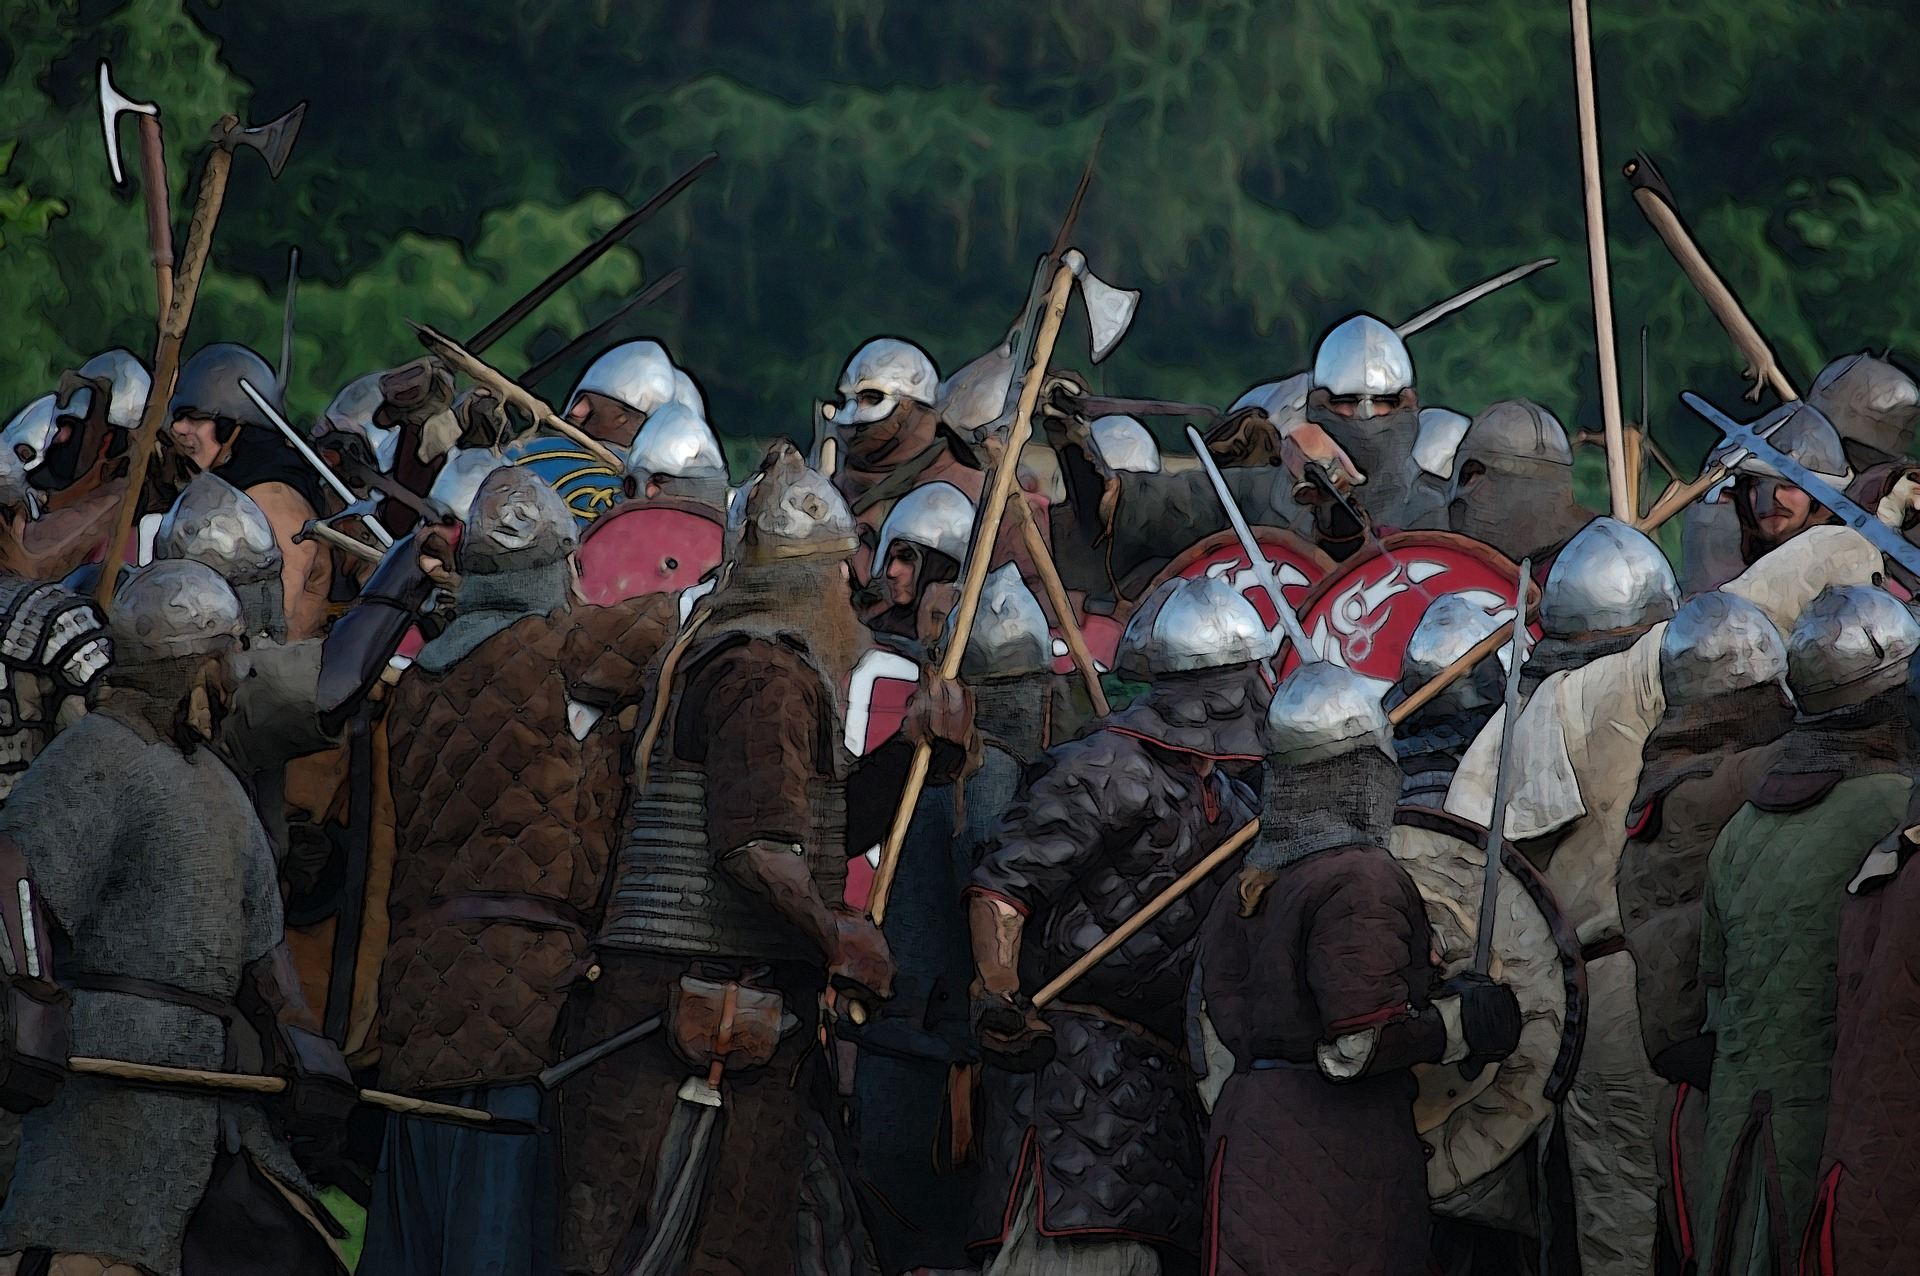 Fighting vikings 2637102 1920